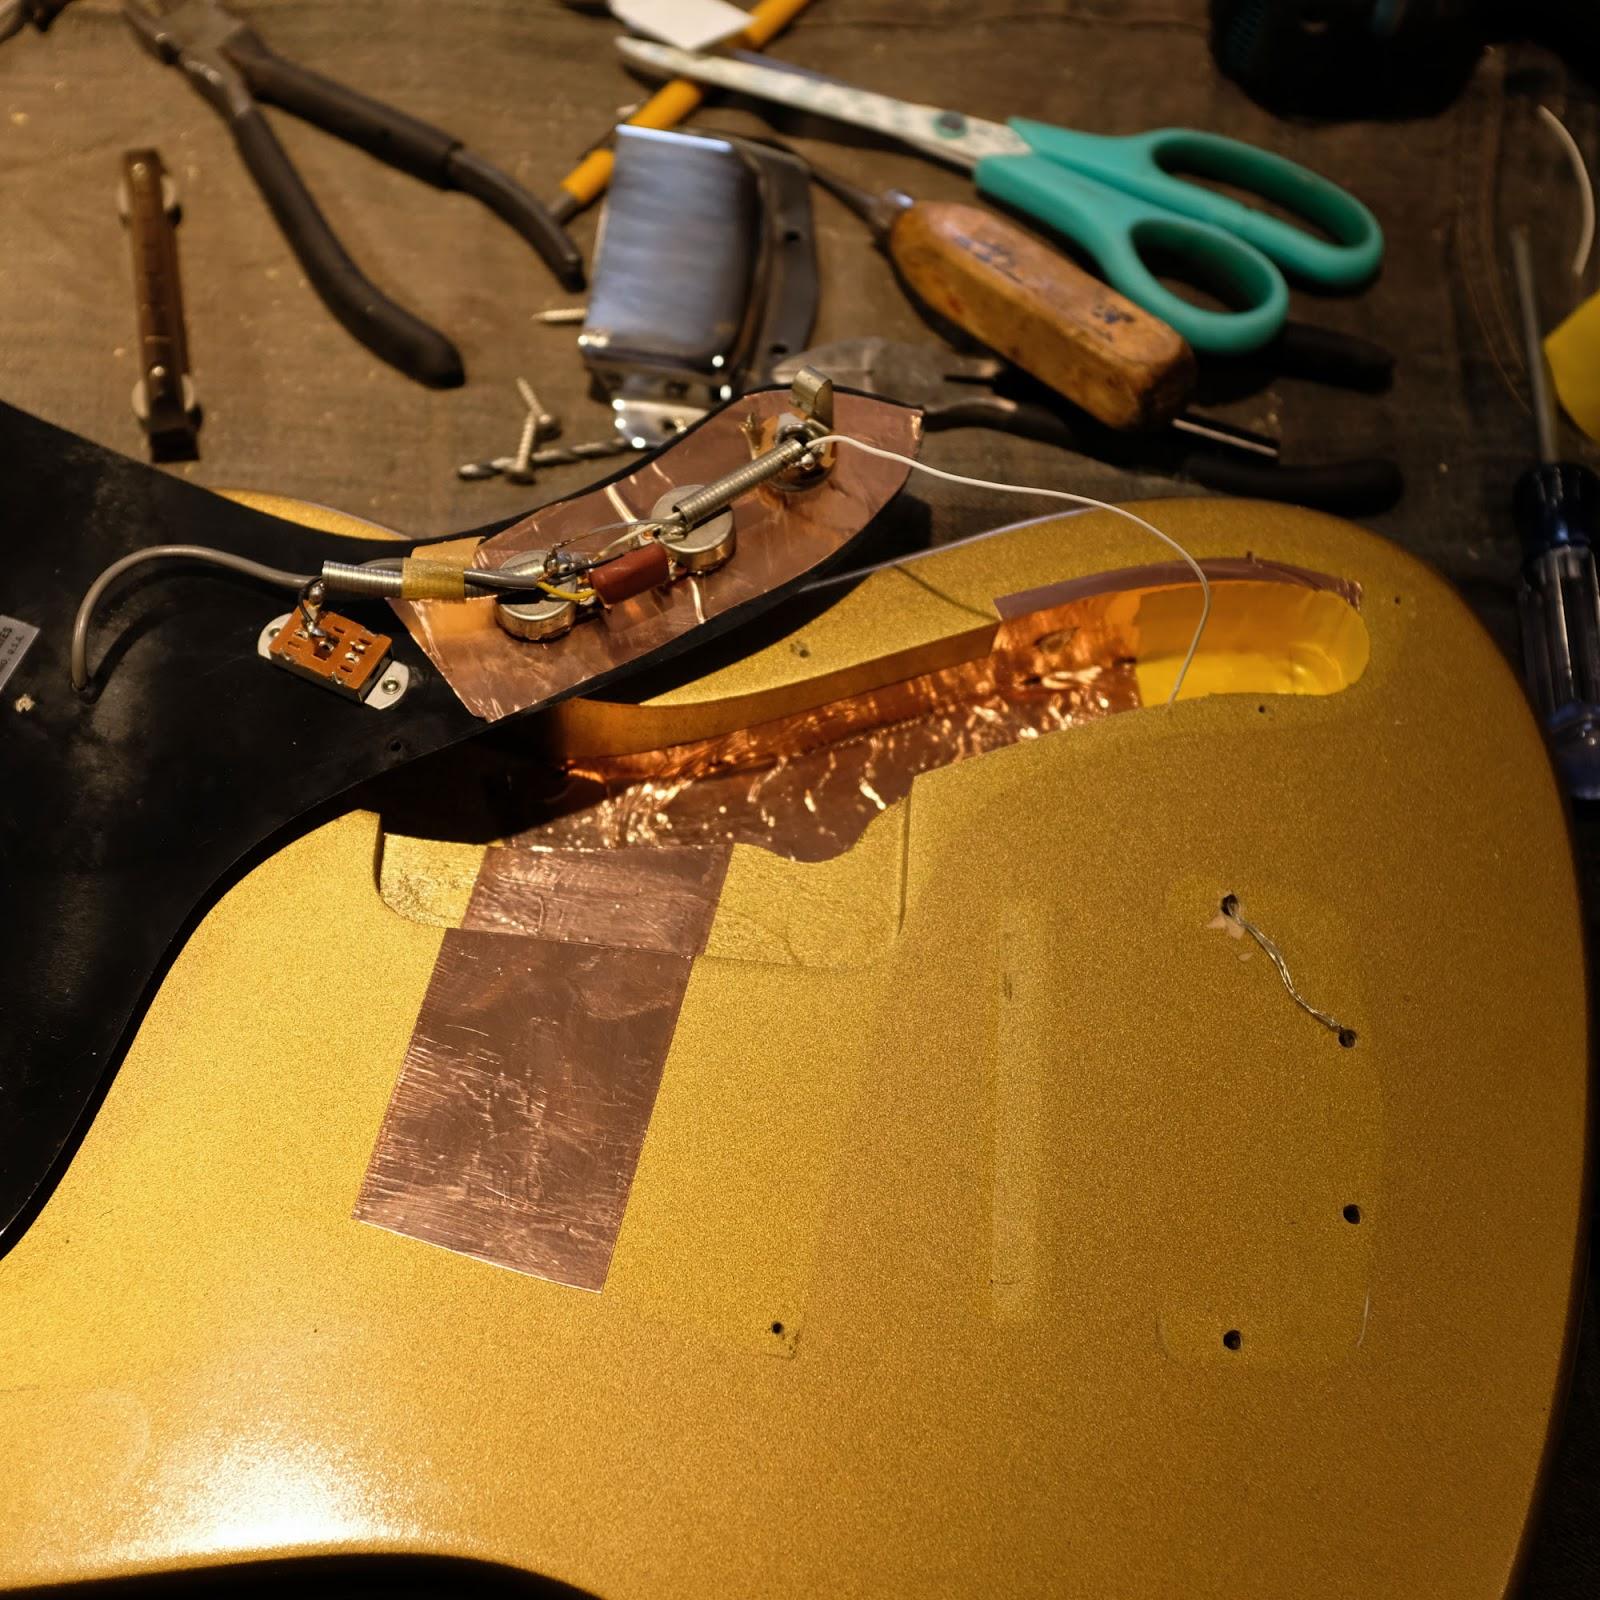 workshop 39 60s electric guitar wiring improvements. Black Bedroom Furniture Sets. Home Design Ideas